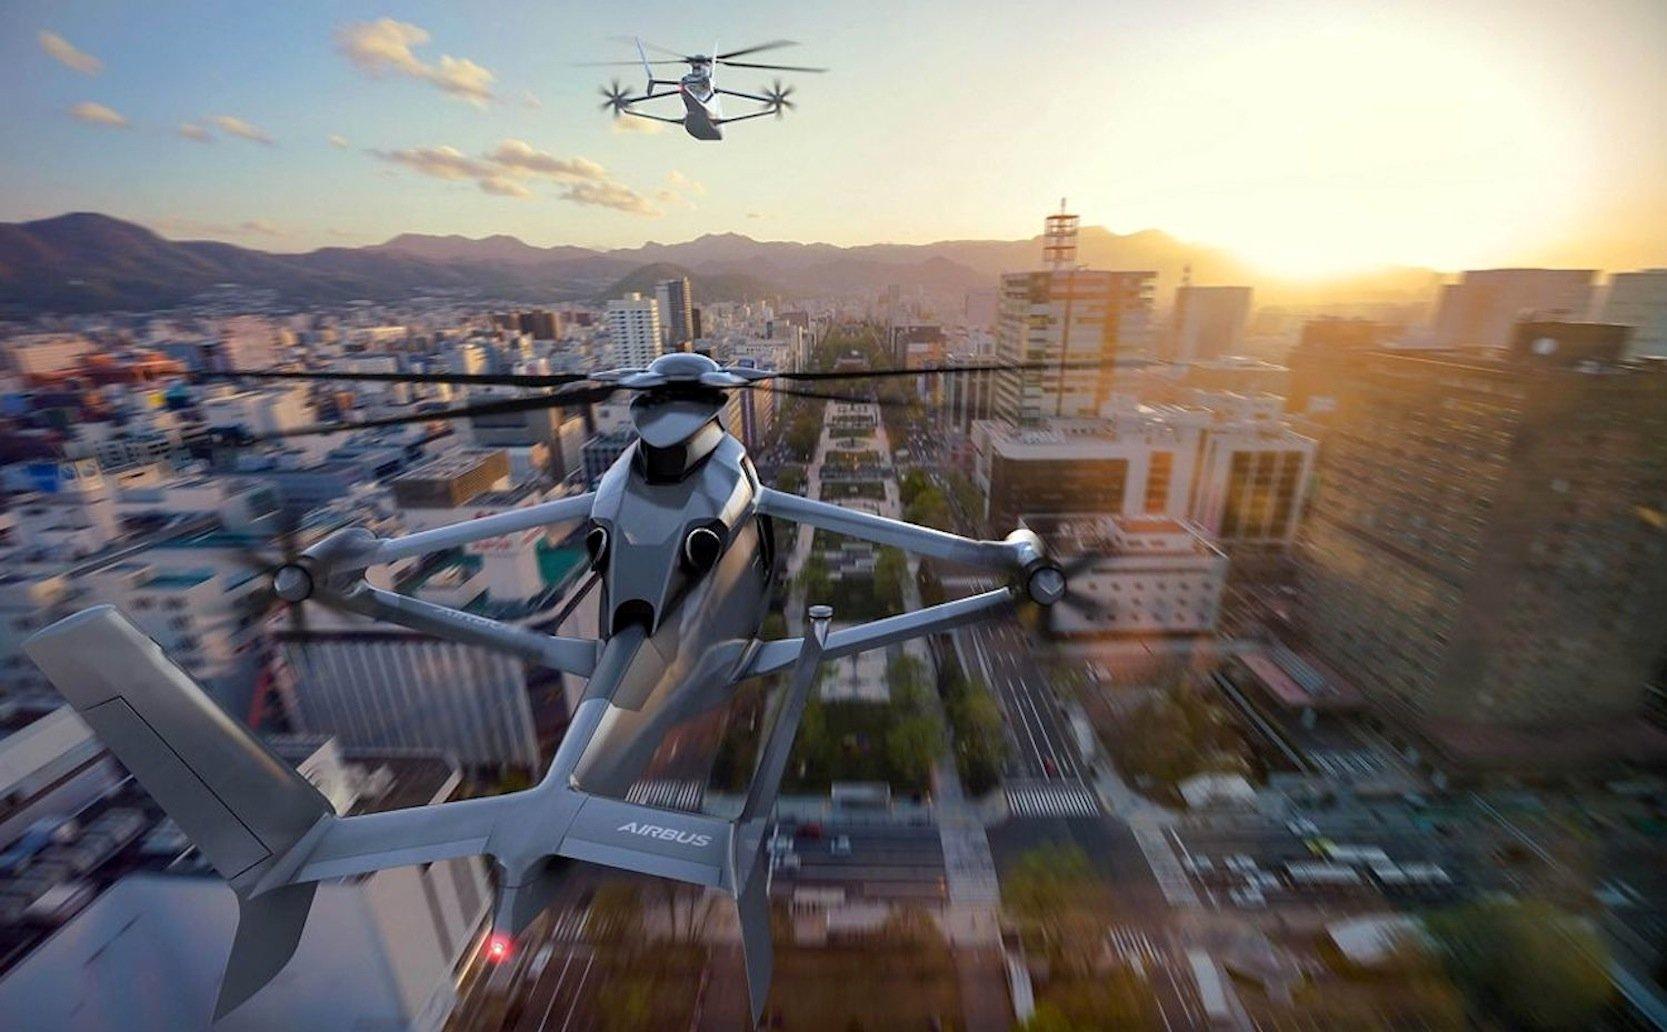 Anwohner wird der Racer kaum stören. DLR-Ingenieure haben die Basis dafür gelegt, dass der Helikopter leise unterwegs ist.